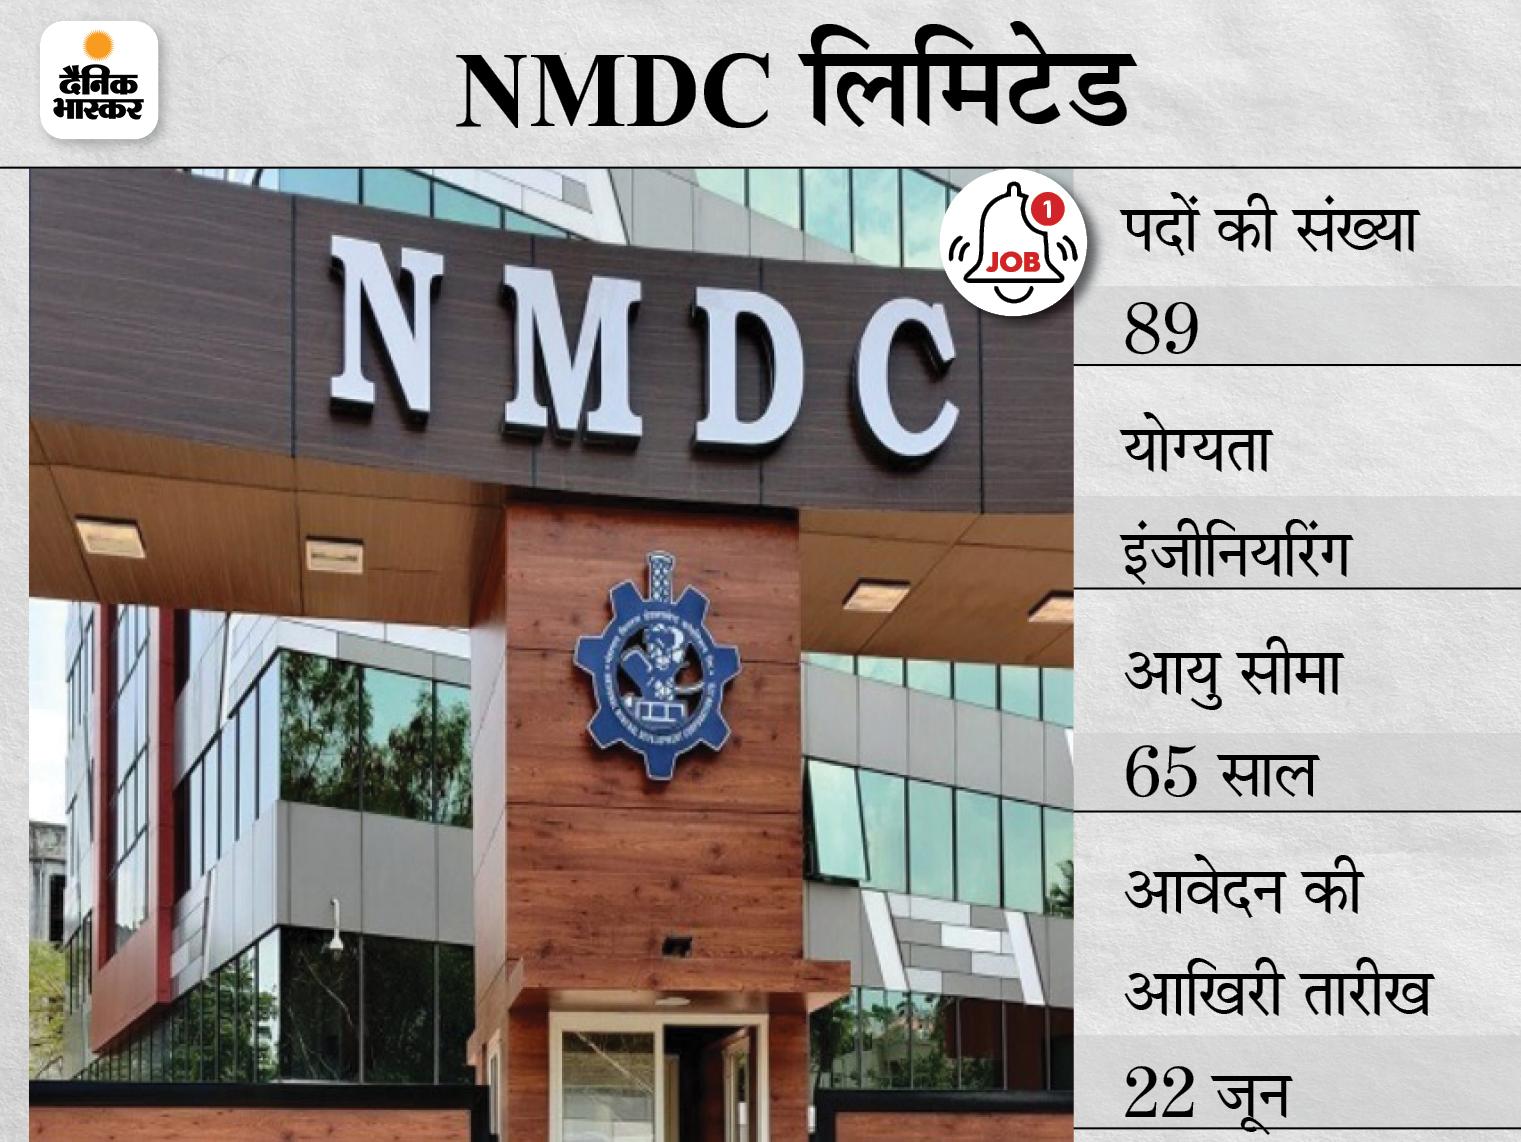 NMDC लिमिटेड में इंजीनियर के पदों पर भर्ती के लिए करें अप्लाई, आवेदन का आखिरी मौका कल|करिअर,Career - Dainik Bhaskar